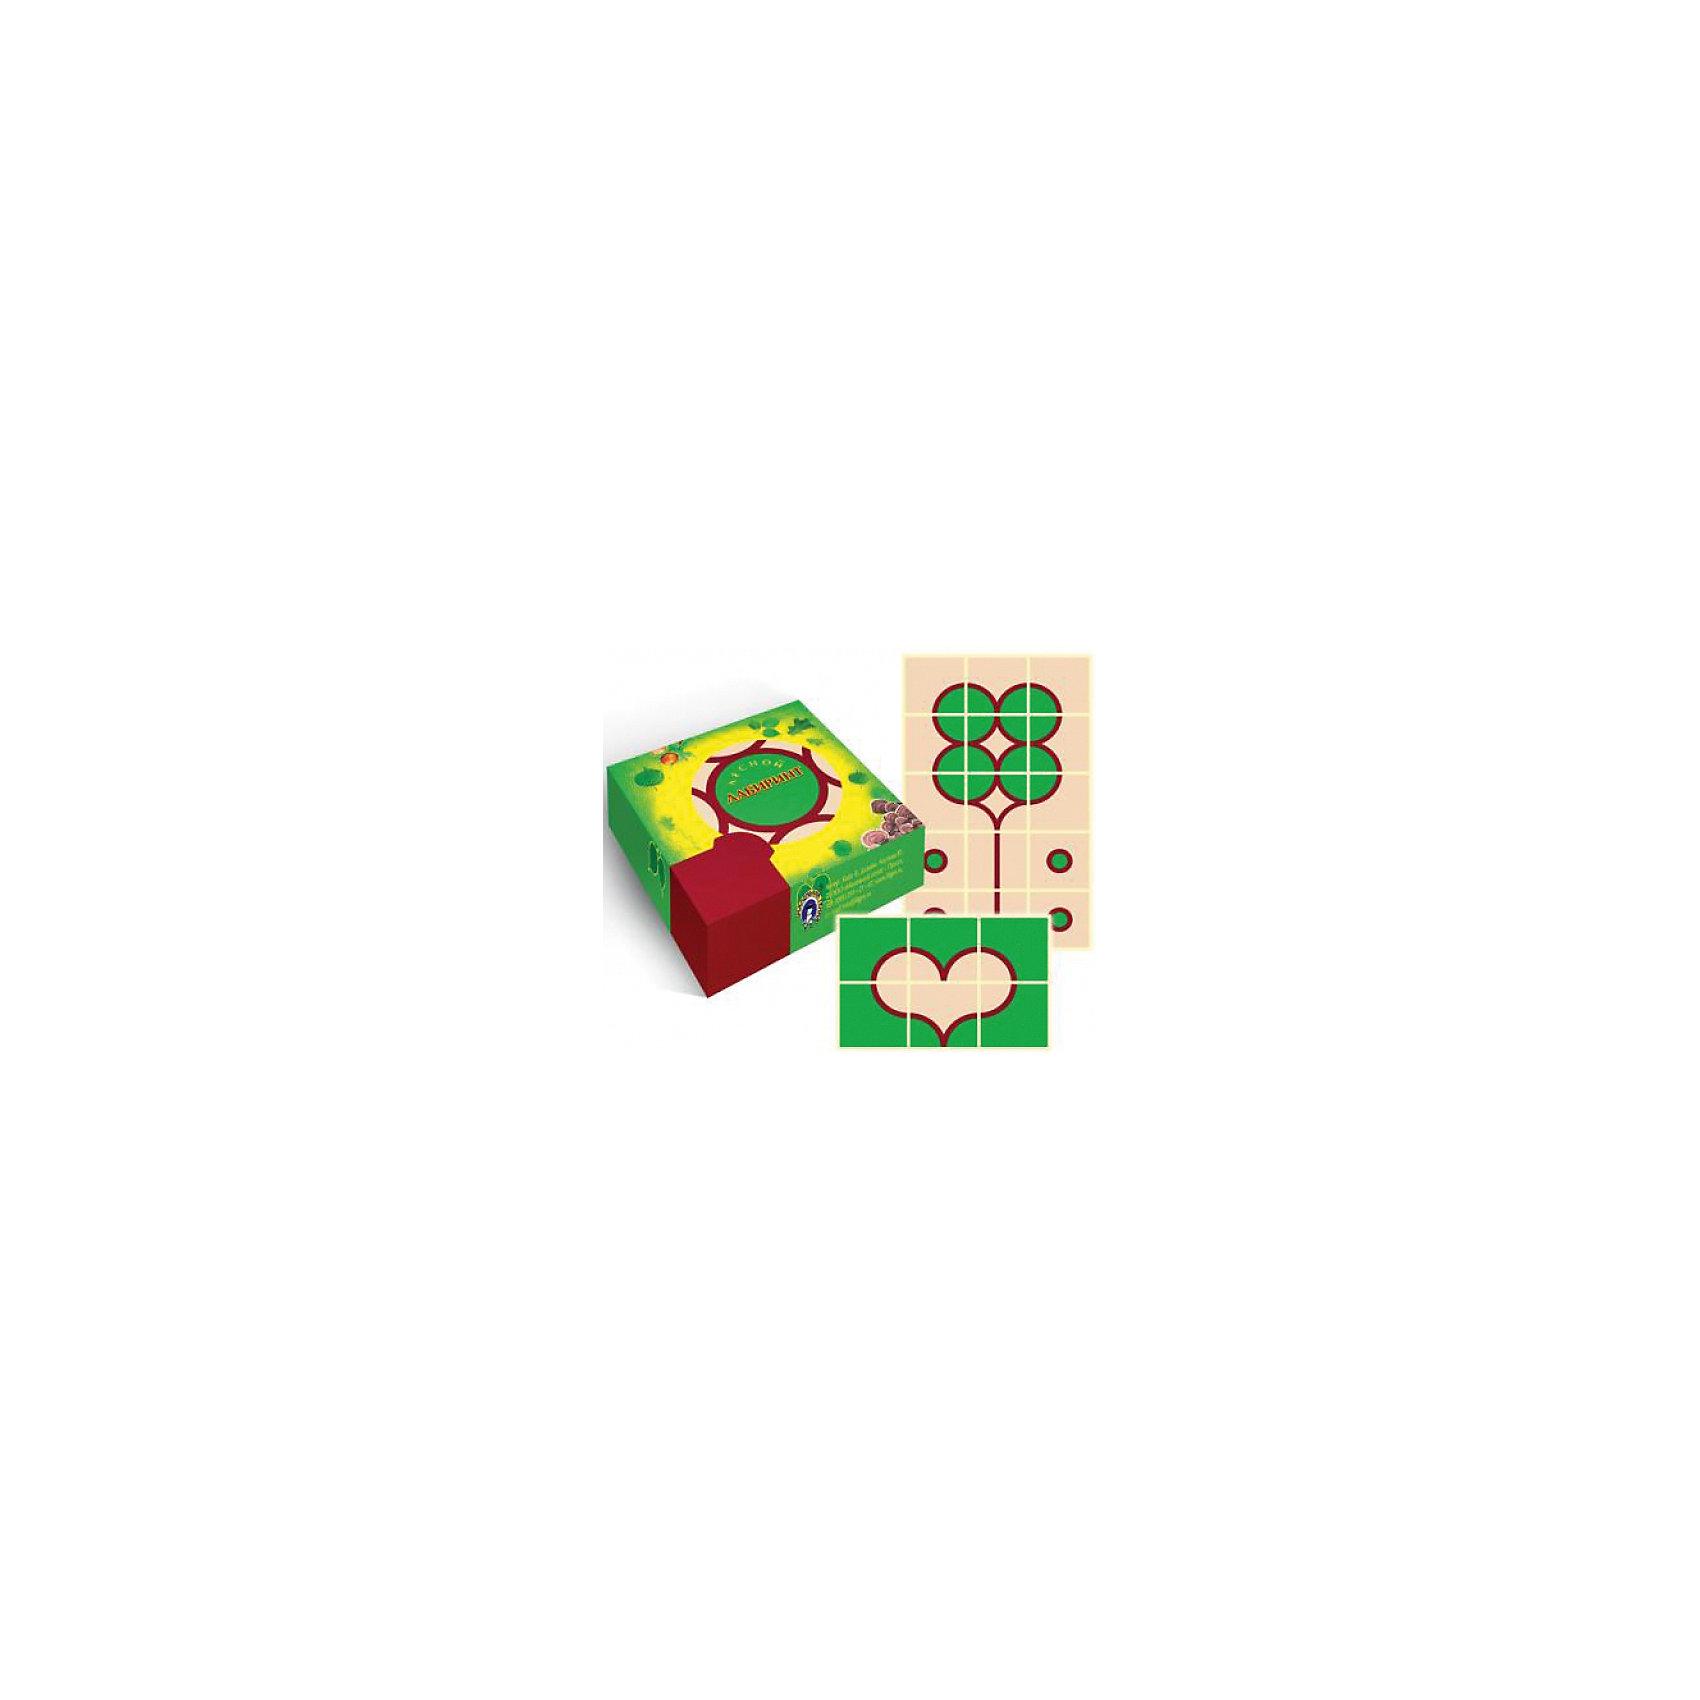 Игровые карточки Лесной лабиринтОбучающие карточки<br>Серия «Удивительные лабиринты» - новые интеллектуальные игры для детей и взрослых, получившие признание в Европе. Игры способствуют развитию мышления и творческих способностей детей любого возраста. Каждая игра состоит из 160 карточек с разными линиями. Складывать карточки нужно так, чтобы линии и цвета соприкасались. Так возникают неожиданные, красивые формы и образы.<br><br>Ширина мм: 125<br>Глубина мм: 125<br>Высота мм: 35<br>Вес г: 400<br>Возраст от месяцев: 36<br>Возраст до месяцев: 2147483647<br>Пол: Унисекс<br>Возраст: Детский<br>SKU: 4802983